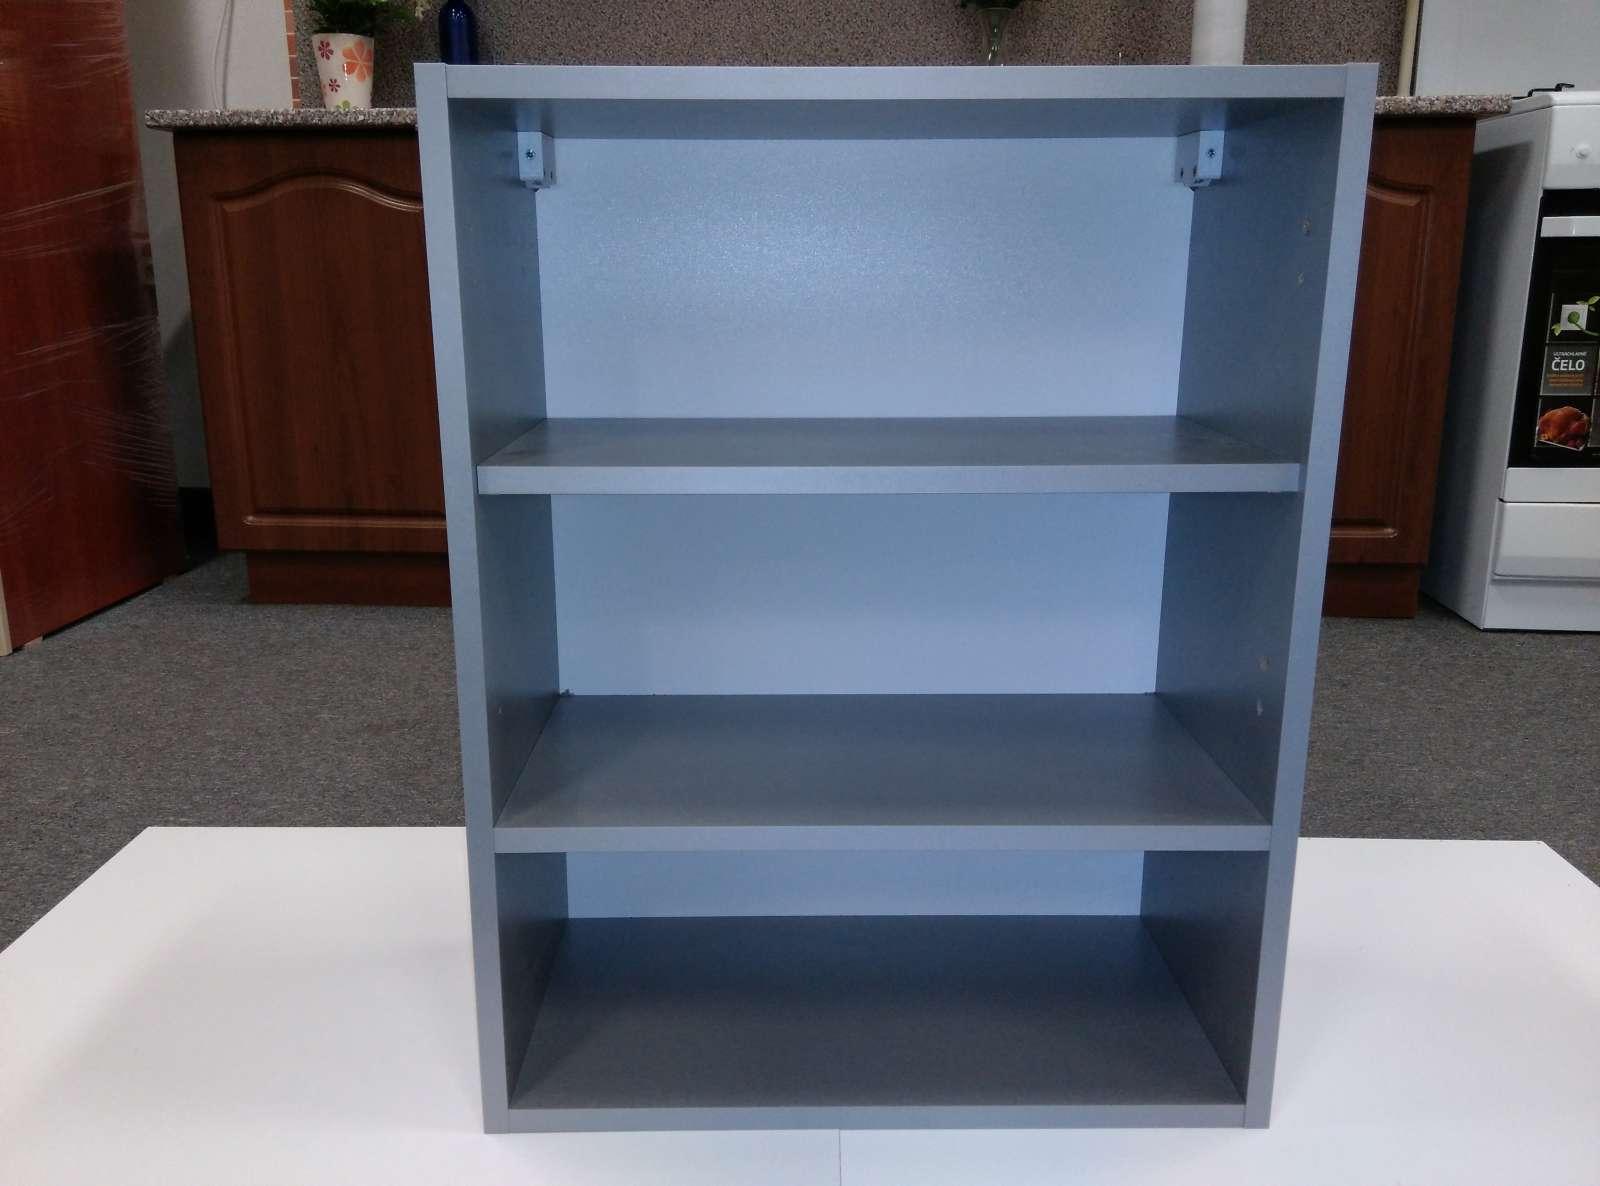 Horní policová kuchyňská skříňka 56 cm - výprodej